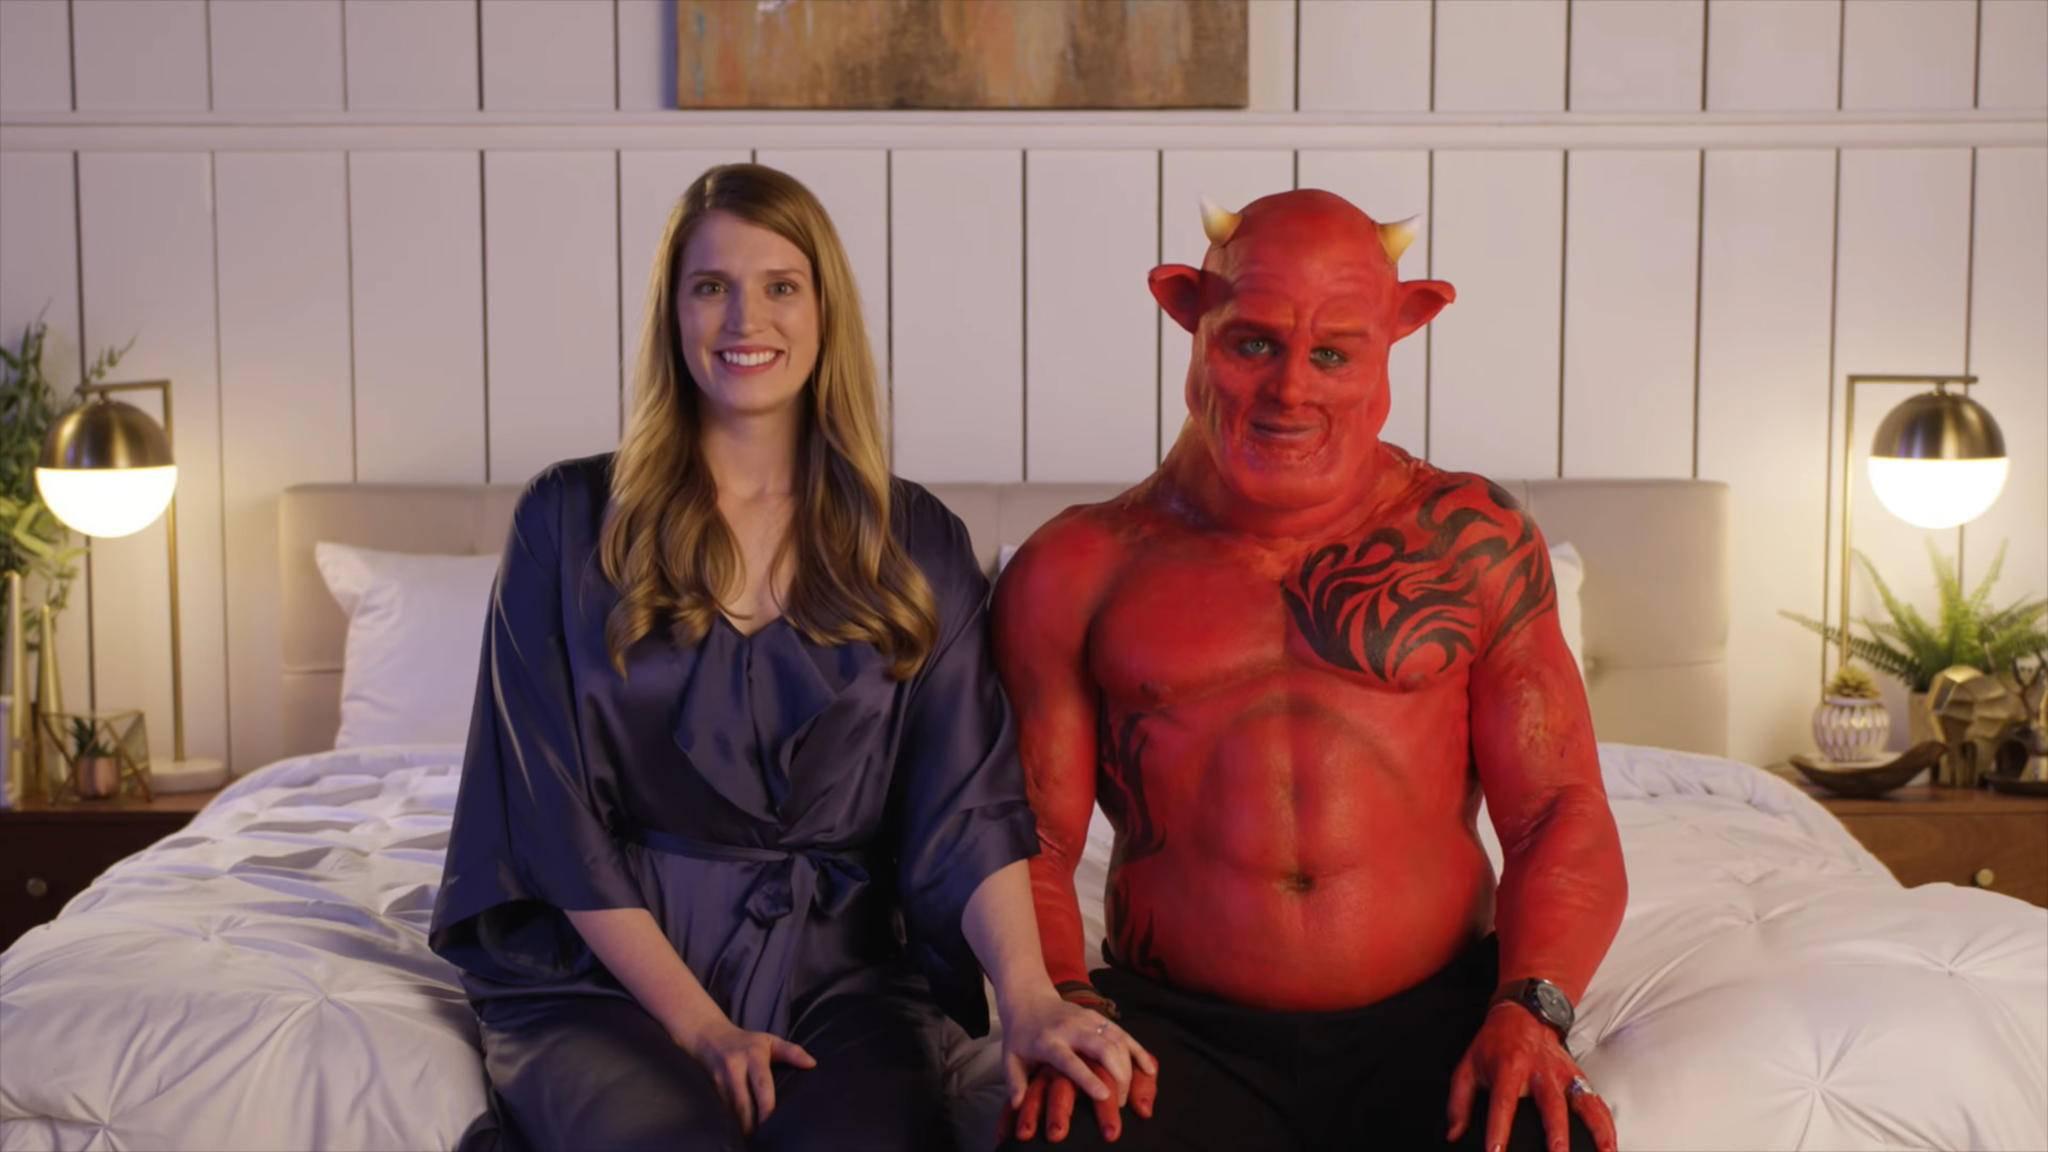 Selbst der Teufel ist sich nicht zu schade für einen Auftritt in einem Kickstarter-Video.